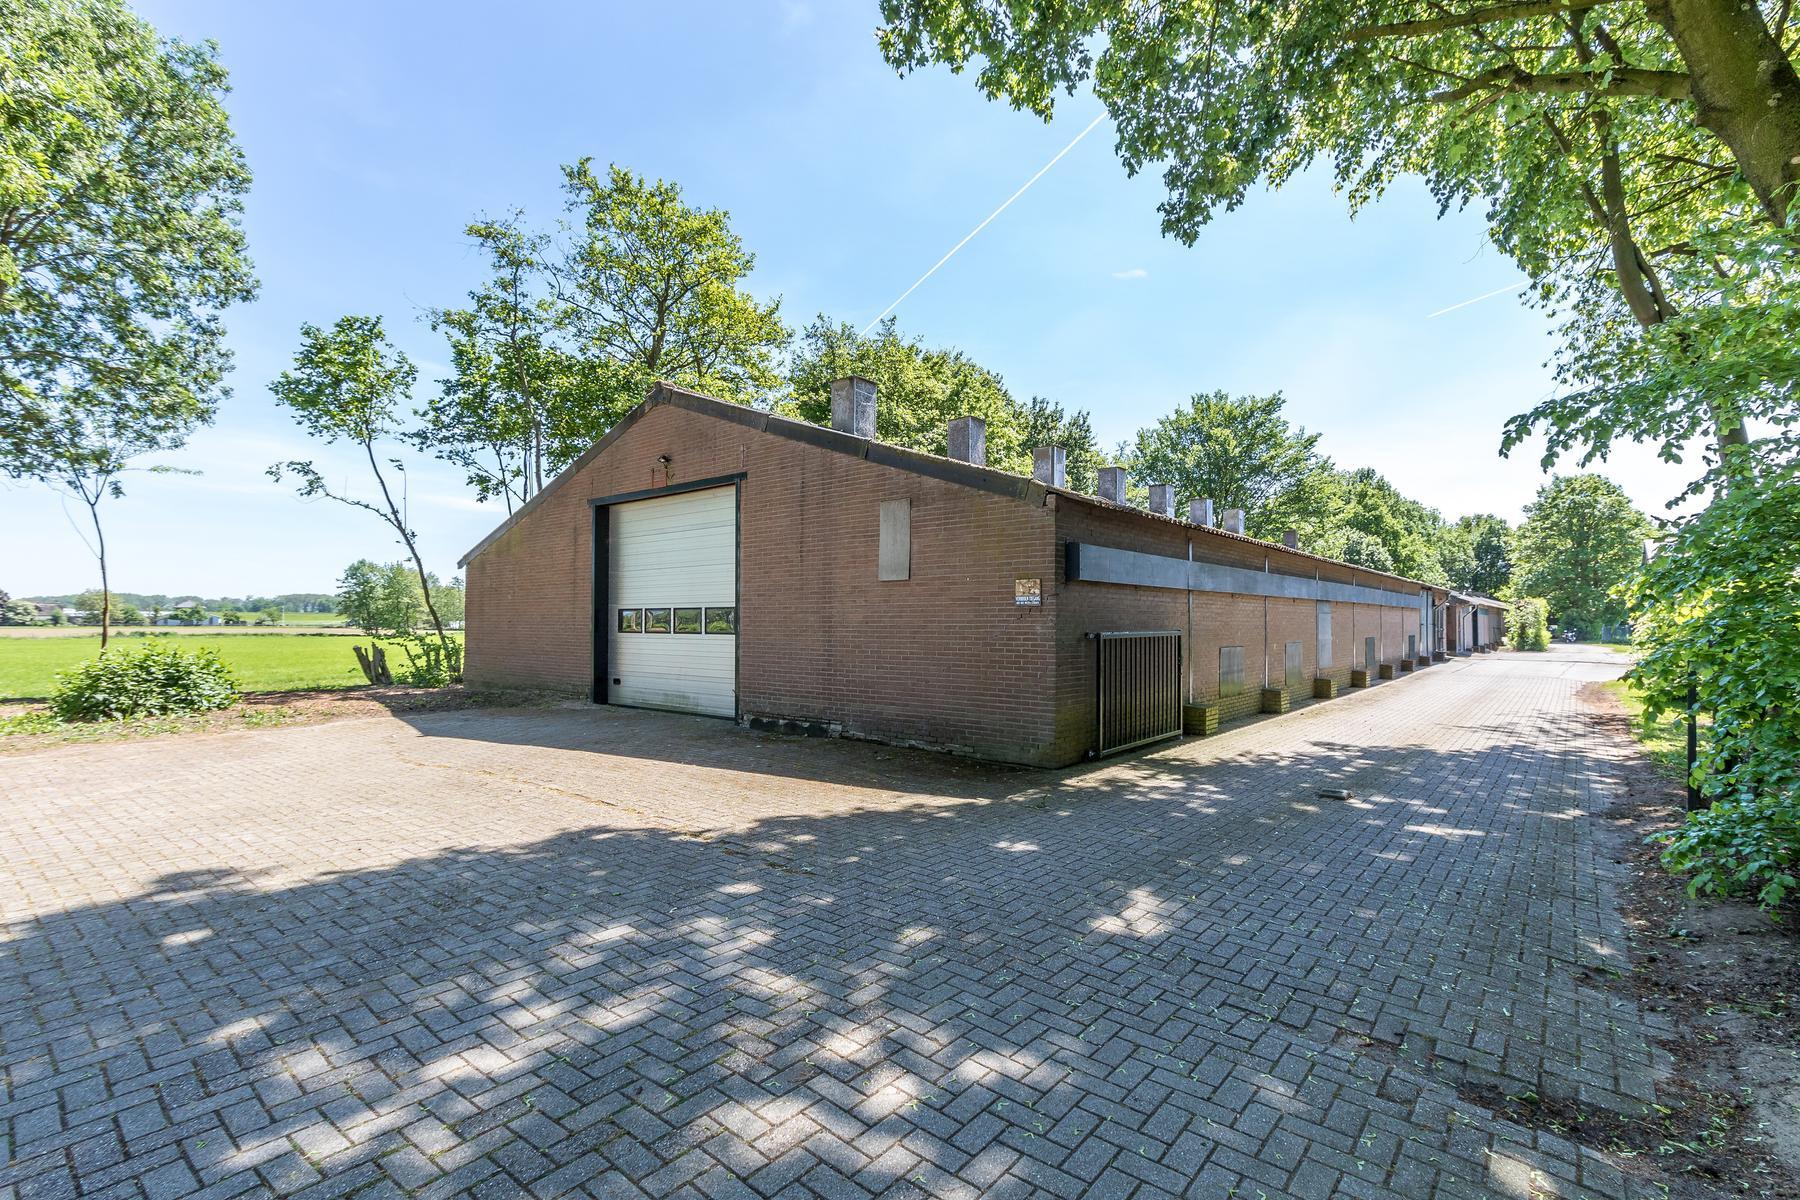 Olyhorststraat 40 in Gendt 6691 HE